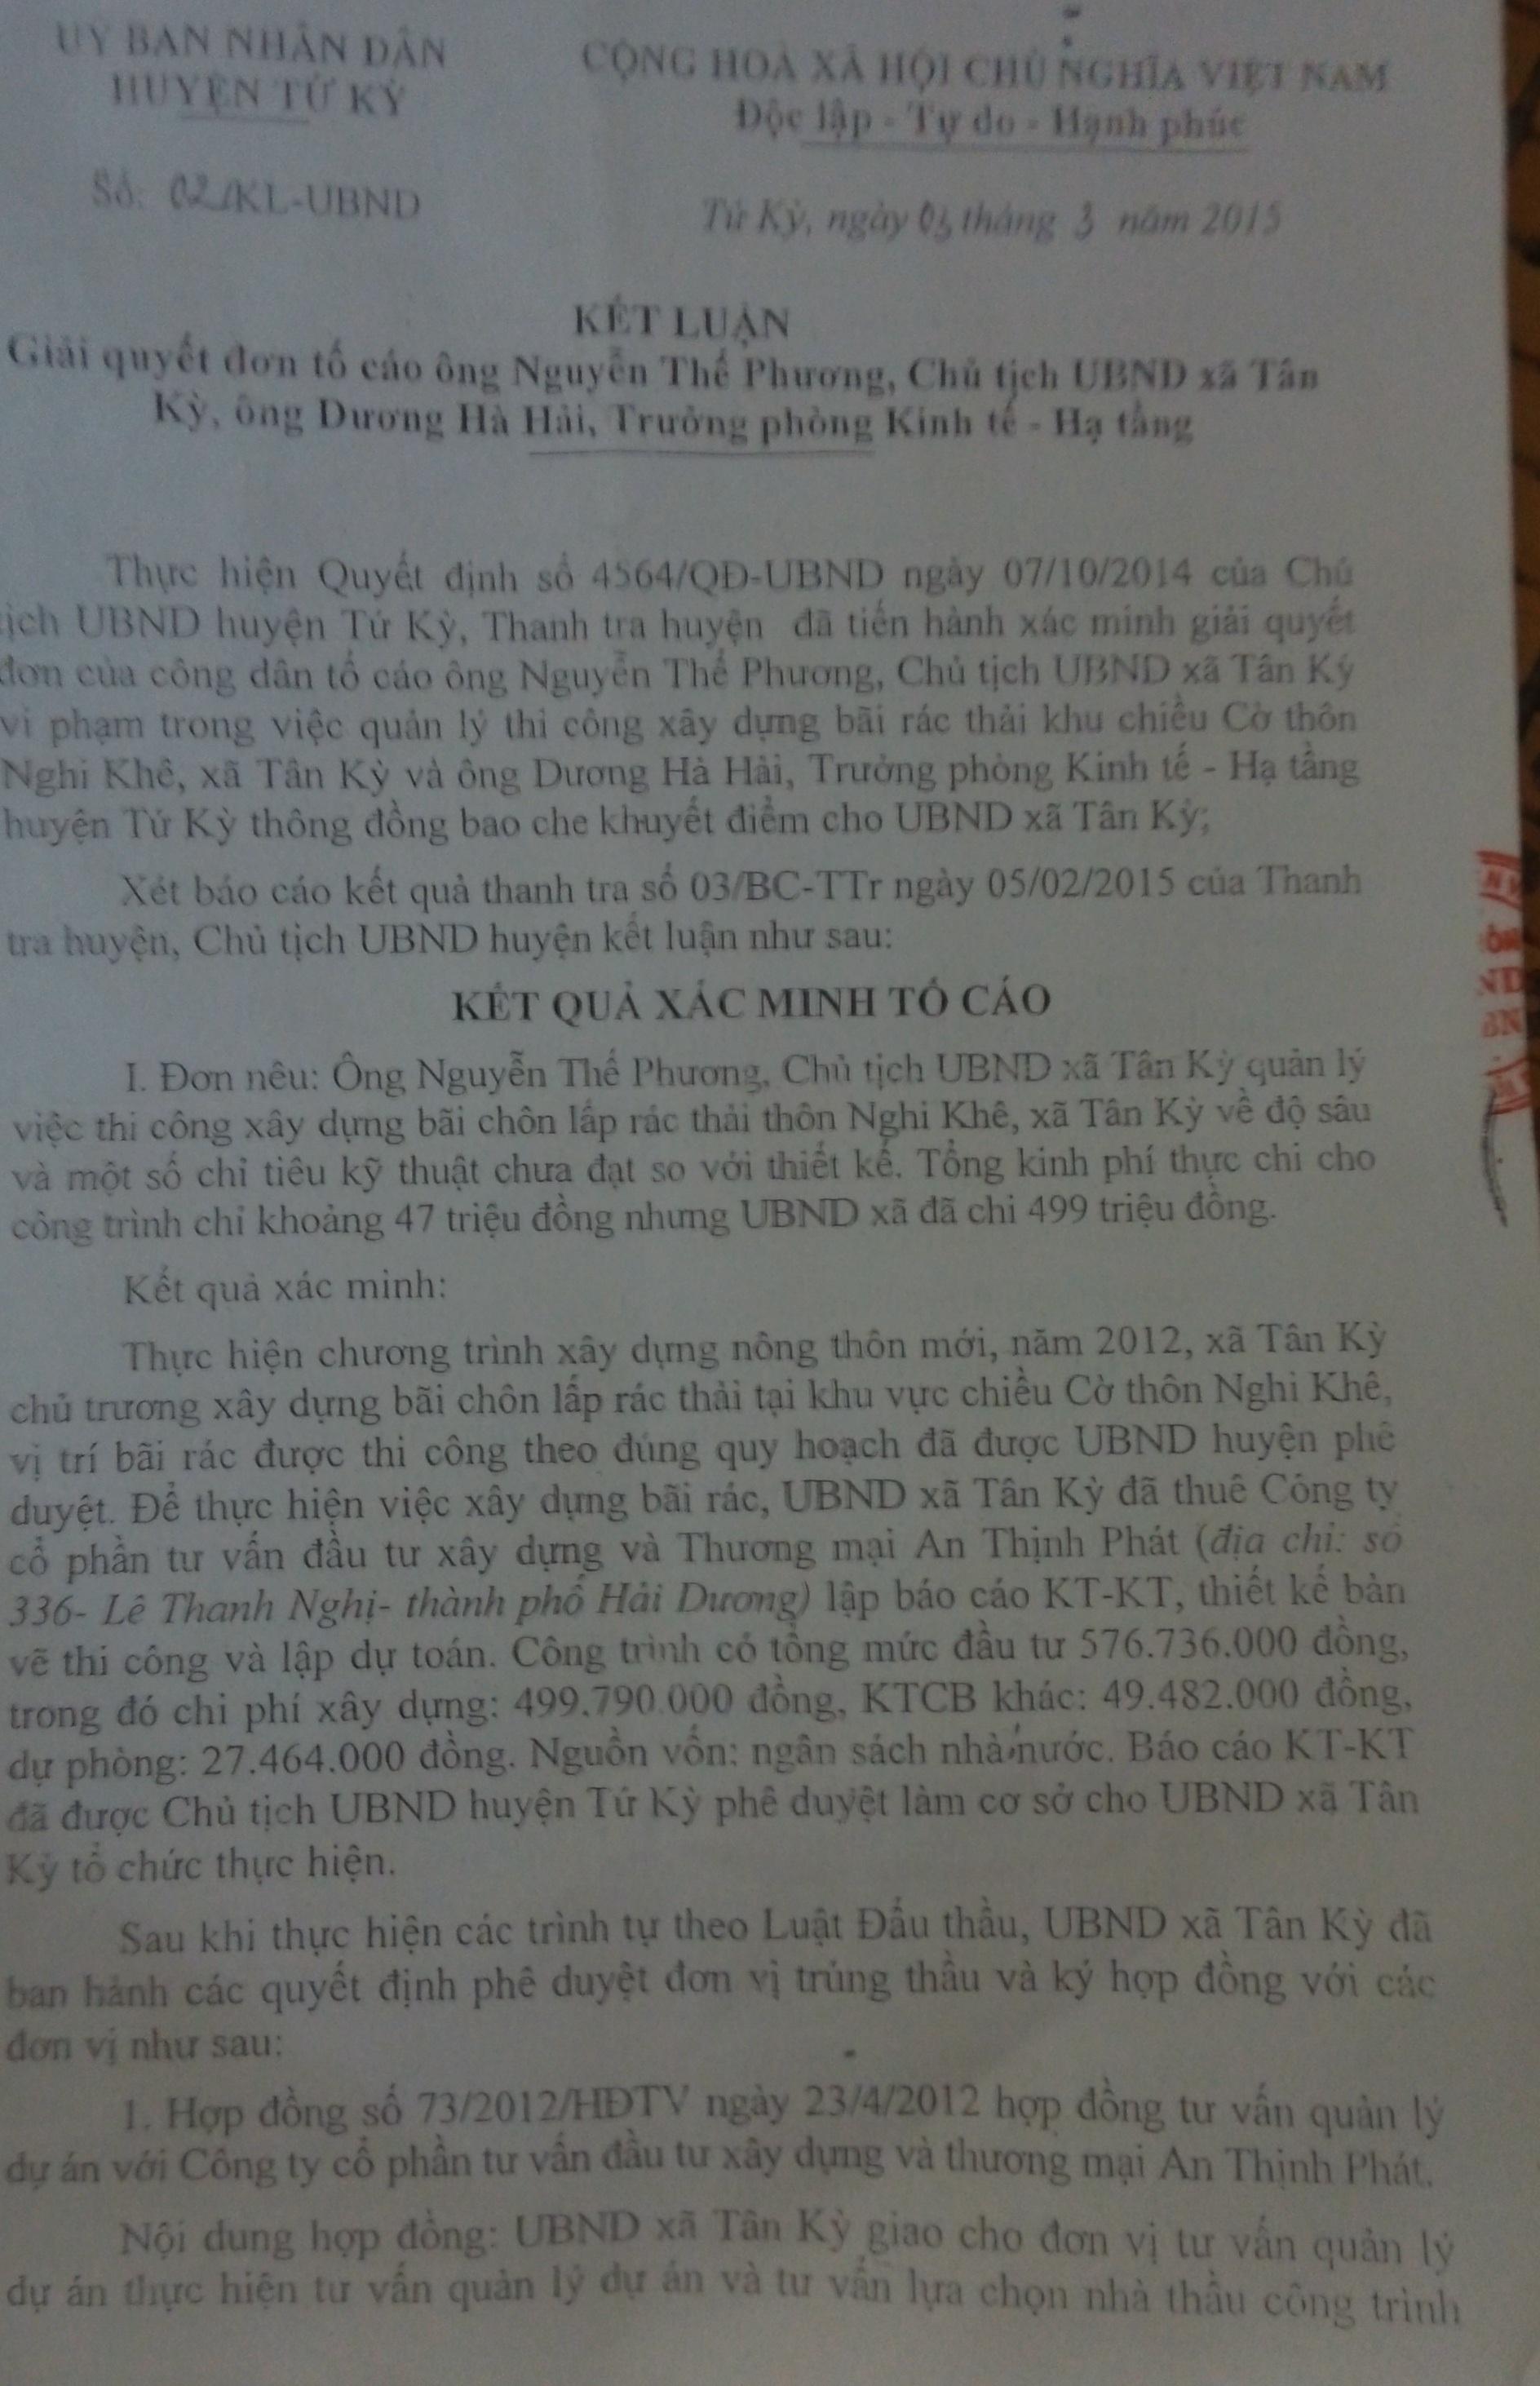 Kết luận thanh tra của UBND huyện Tứ Kỳ.